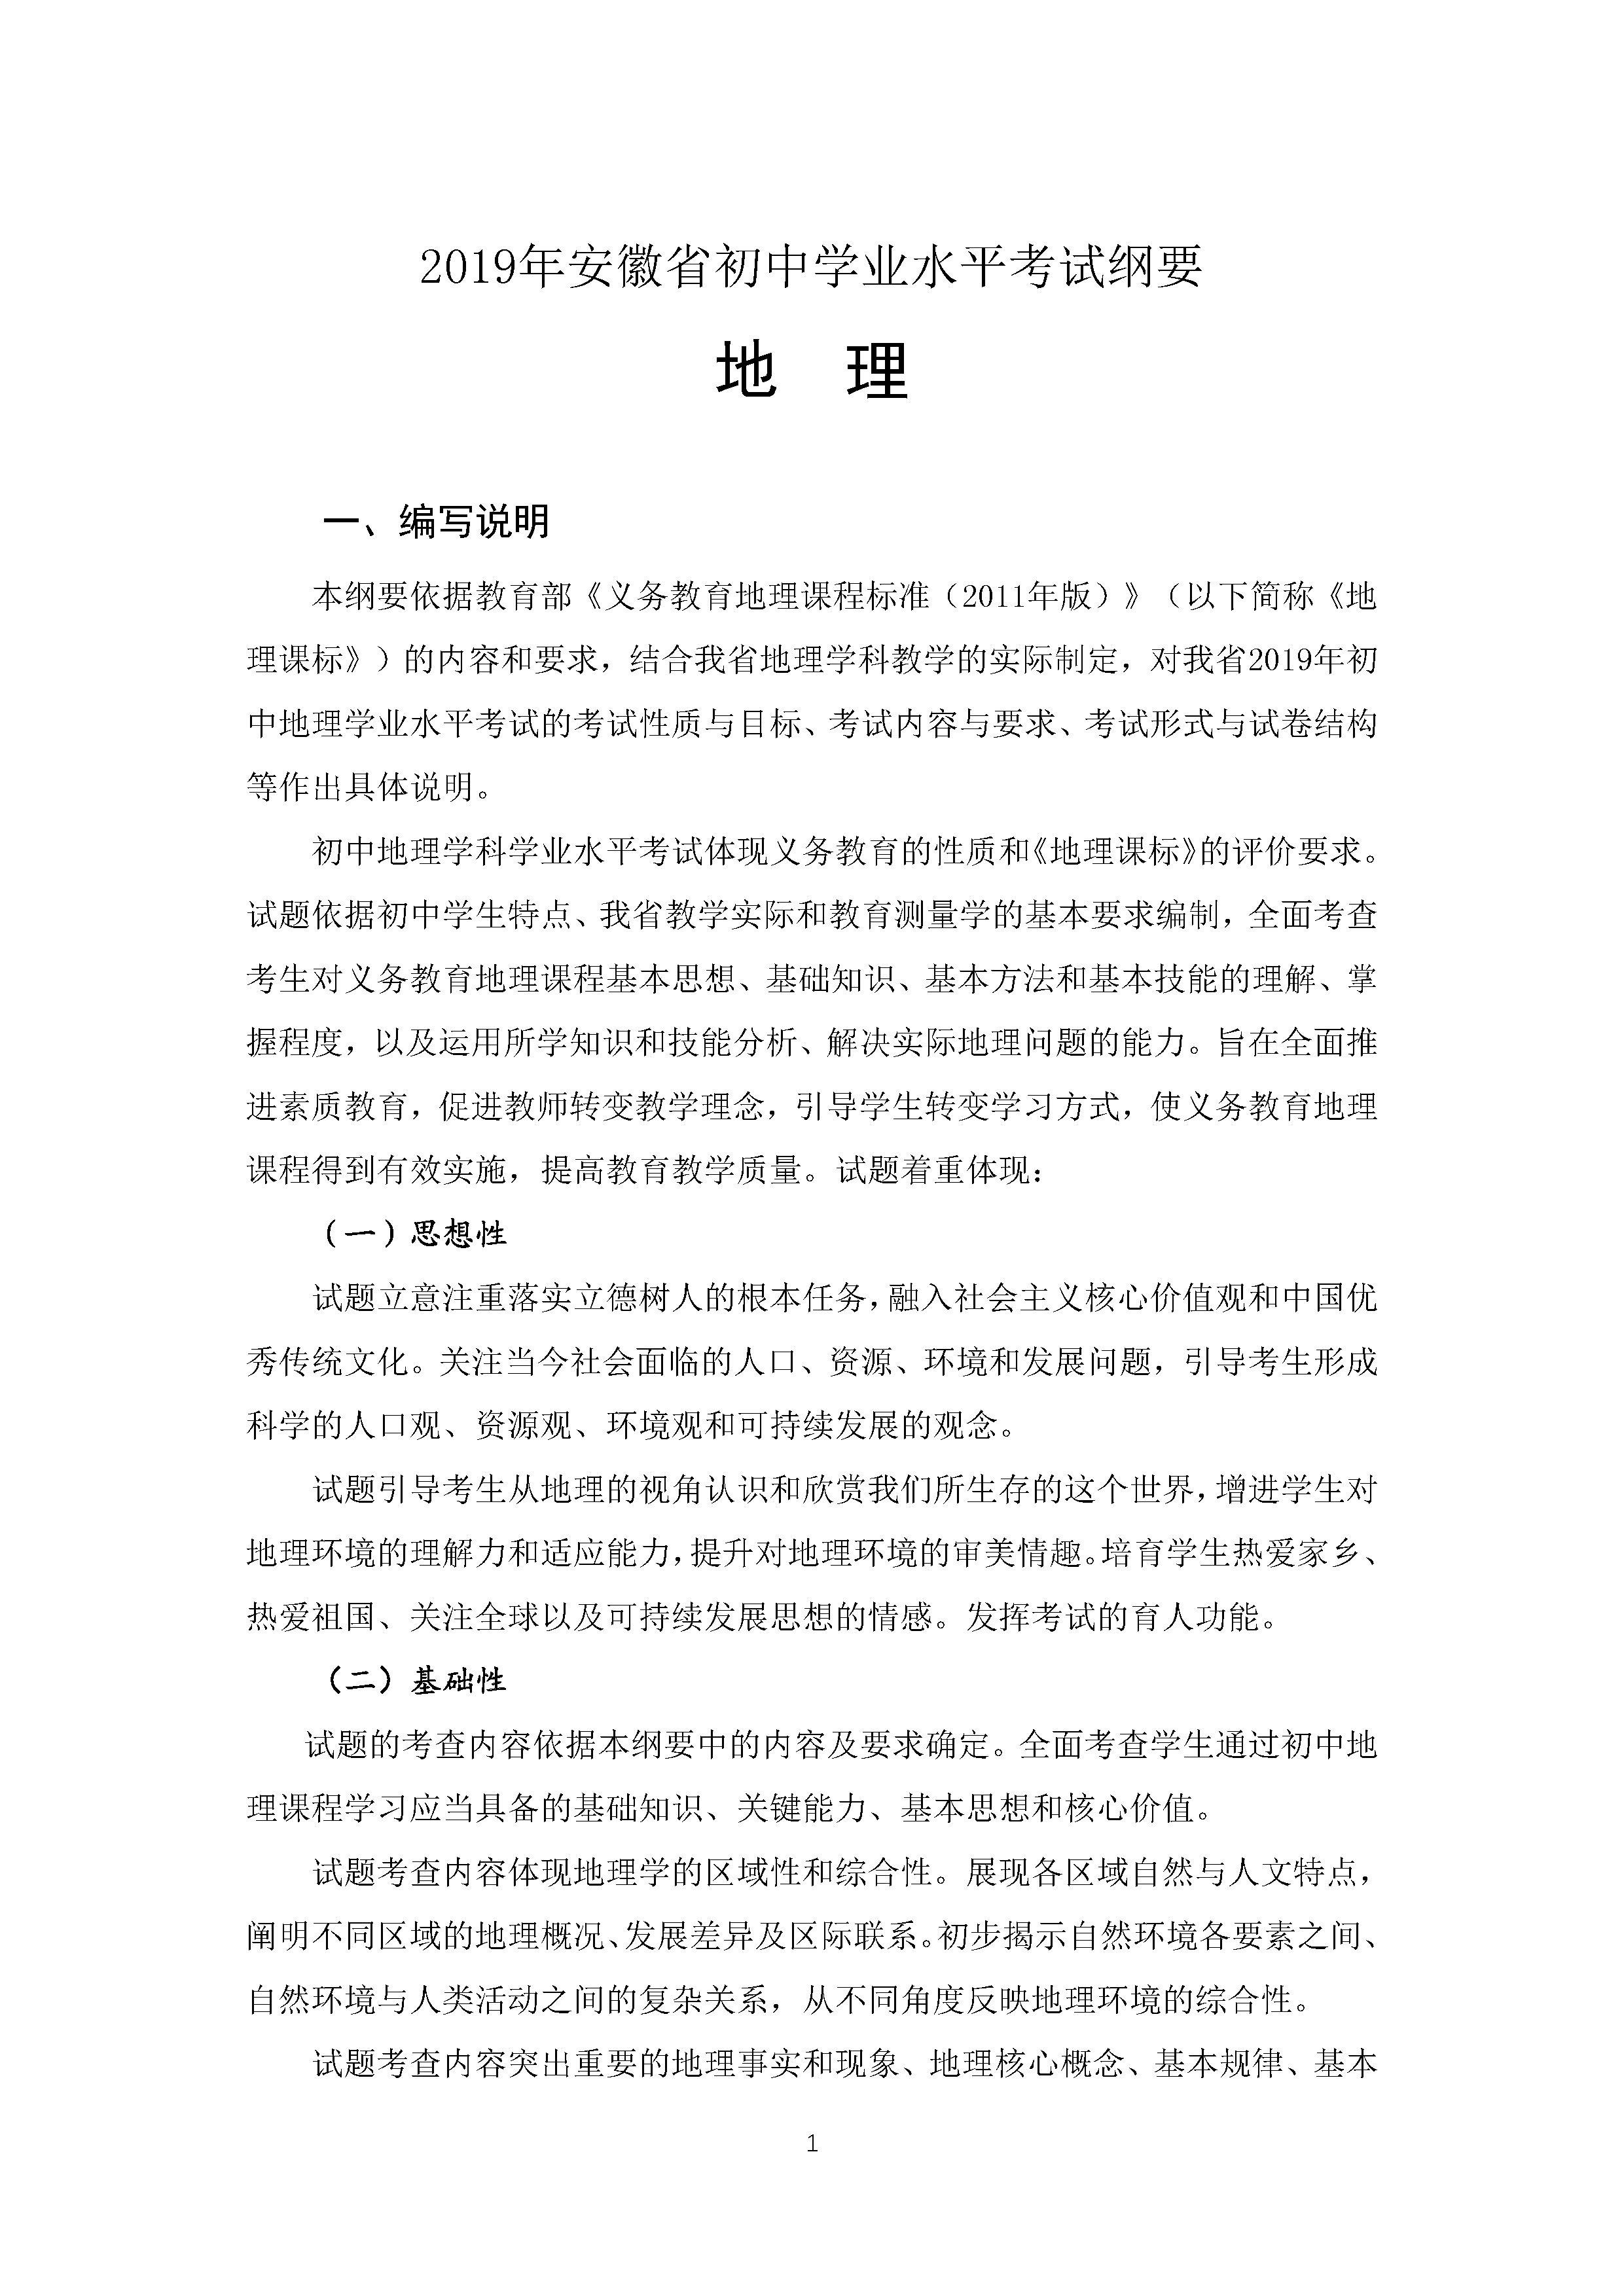 2019安徽中考地理考试说明变化及试卷结构